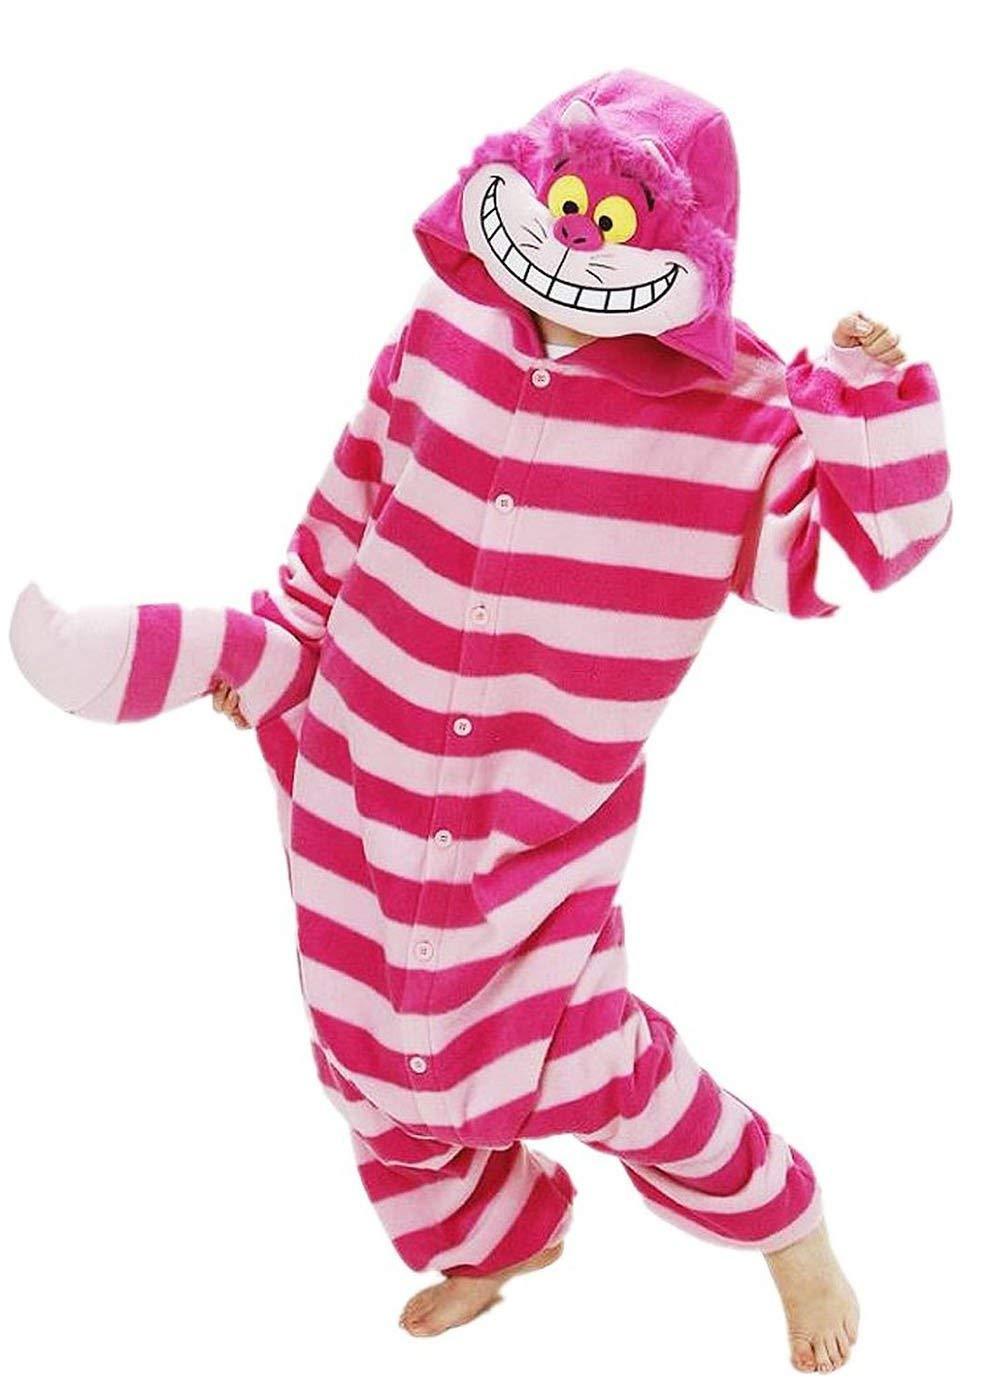 Sweetheart -LMM de Noël du Chat du Cheshire Kigurumi Polaire à Capuche Pyjama grenouillère Animal Cosplay Costume pour Adulte Unisexe Homme Femme Combinaison Taille Plus, Taille M